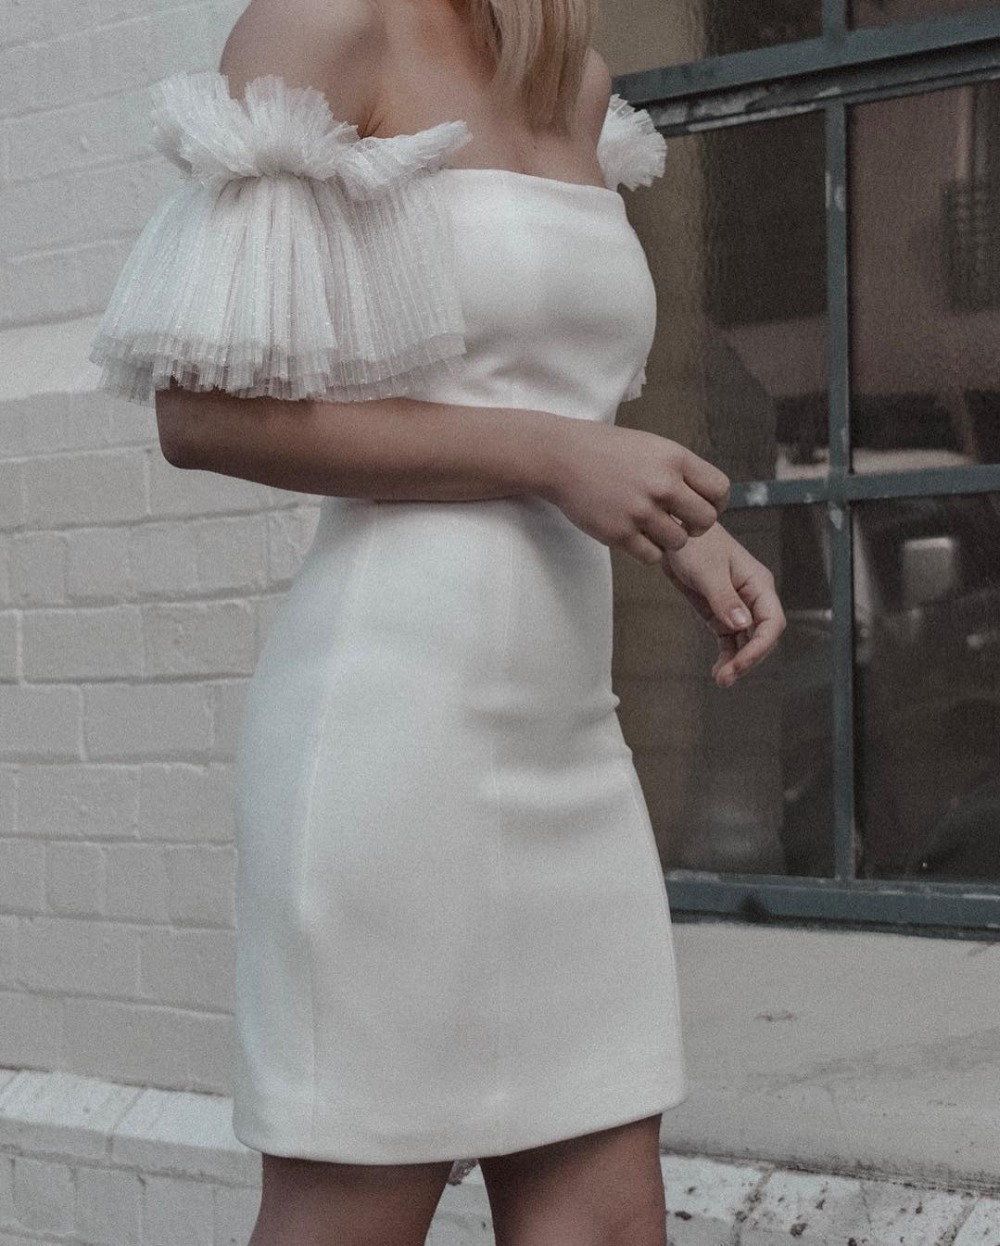 2019 nouveau chaud femmes élégant mode Slash cou Bandage robe maille manches moulante Bandage robe dos nu parti Club robe F-83